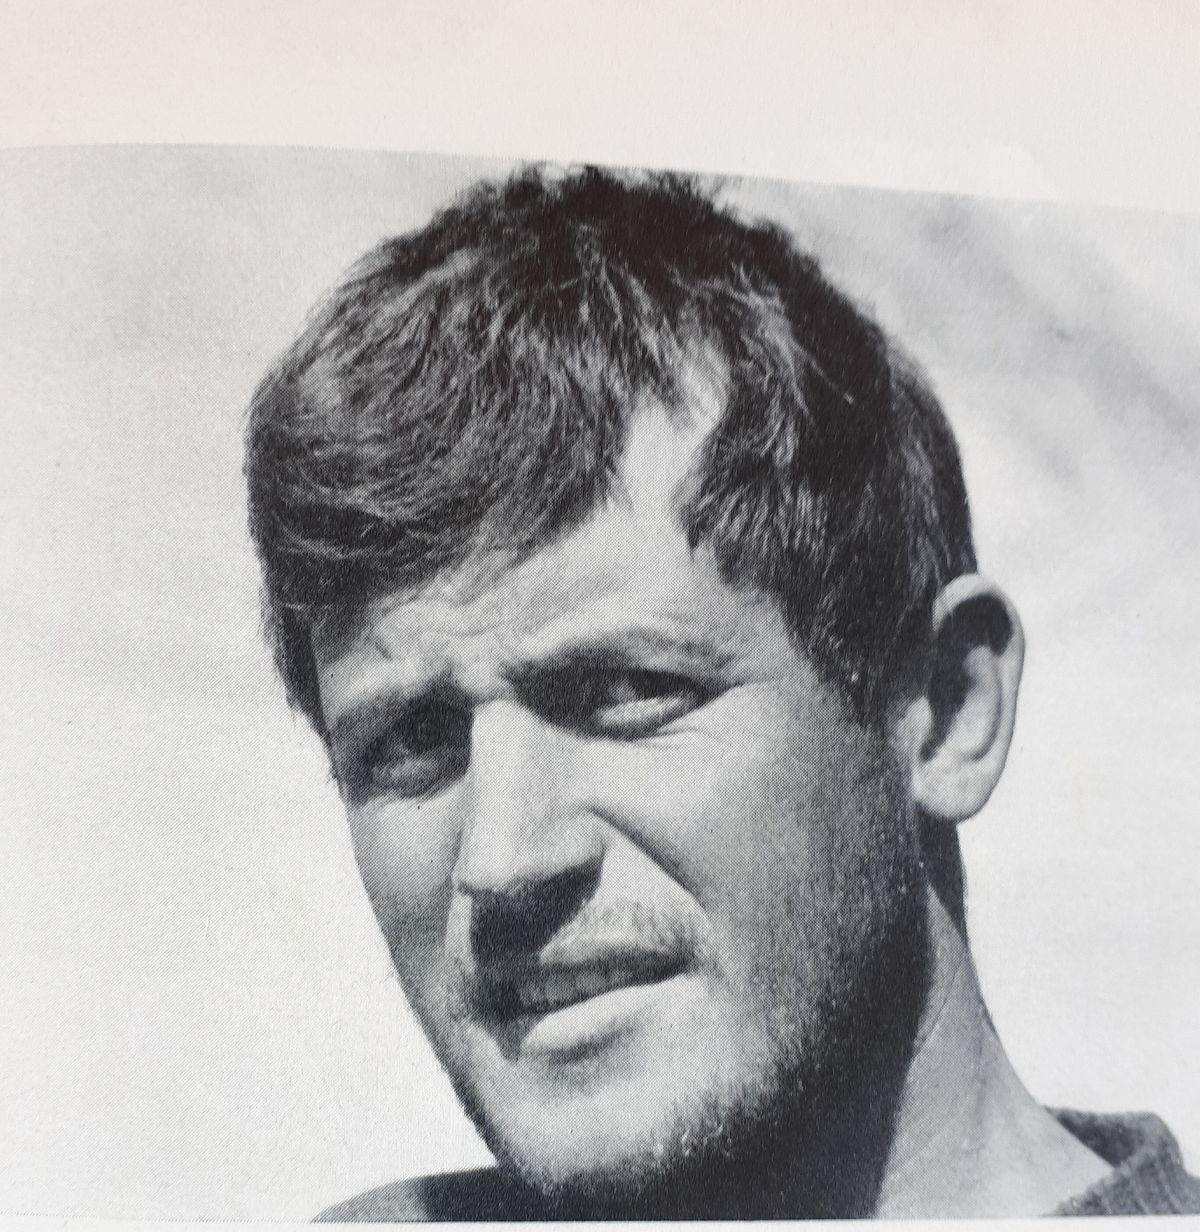 Carlo Nembrini